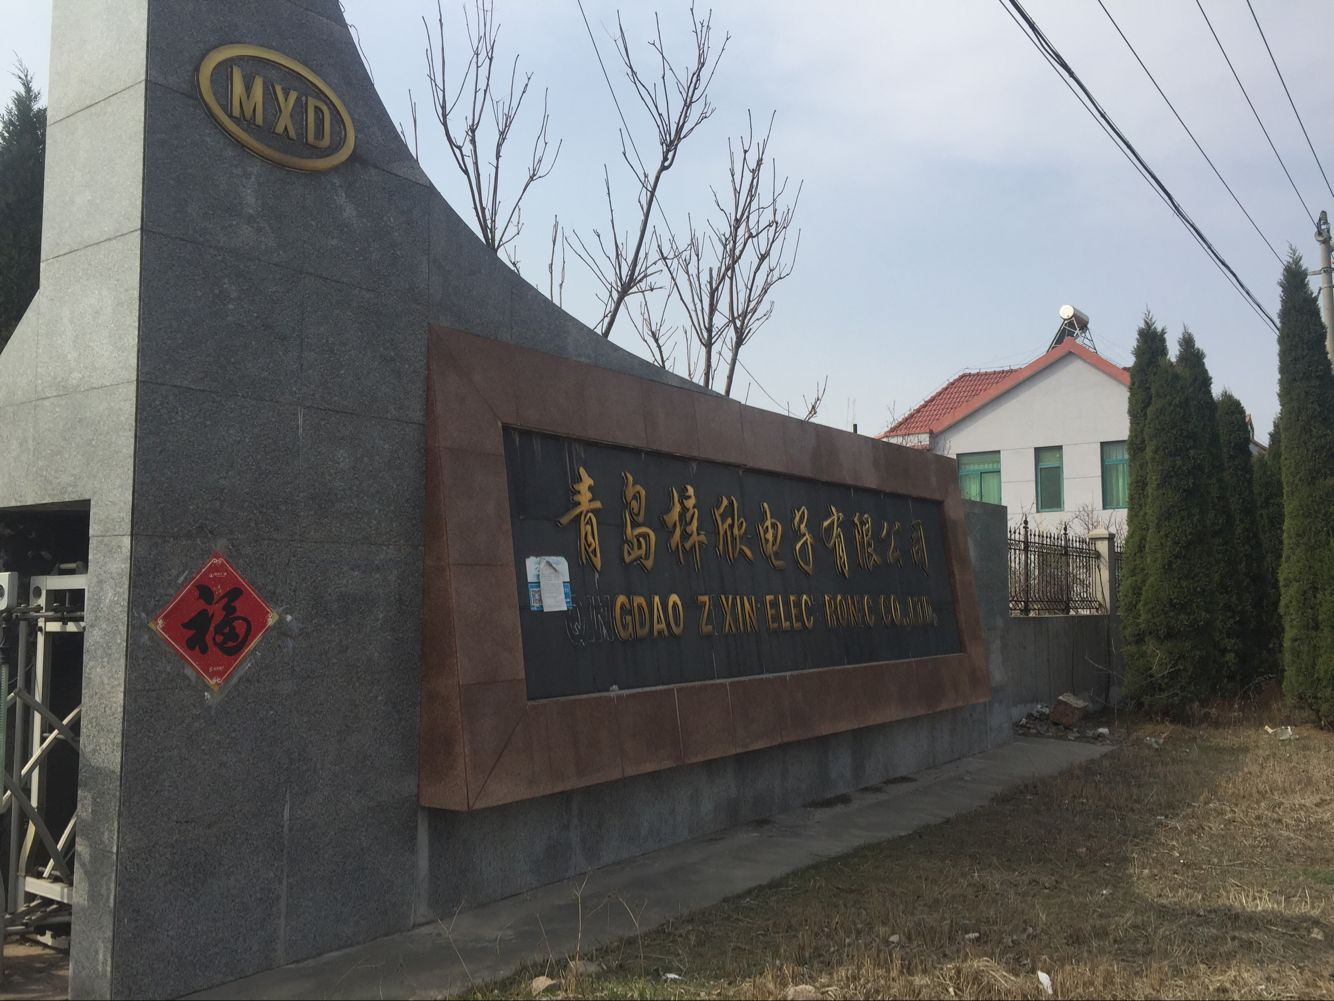 新世纪拍卖3月18日公告:胶州市九龙镇等10标的